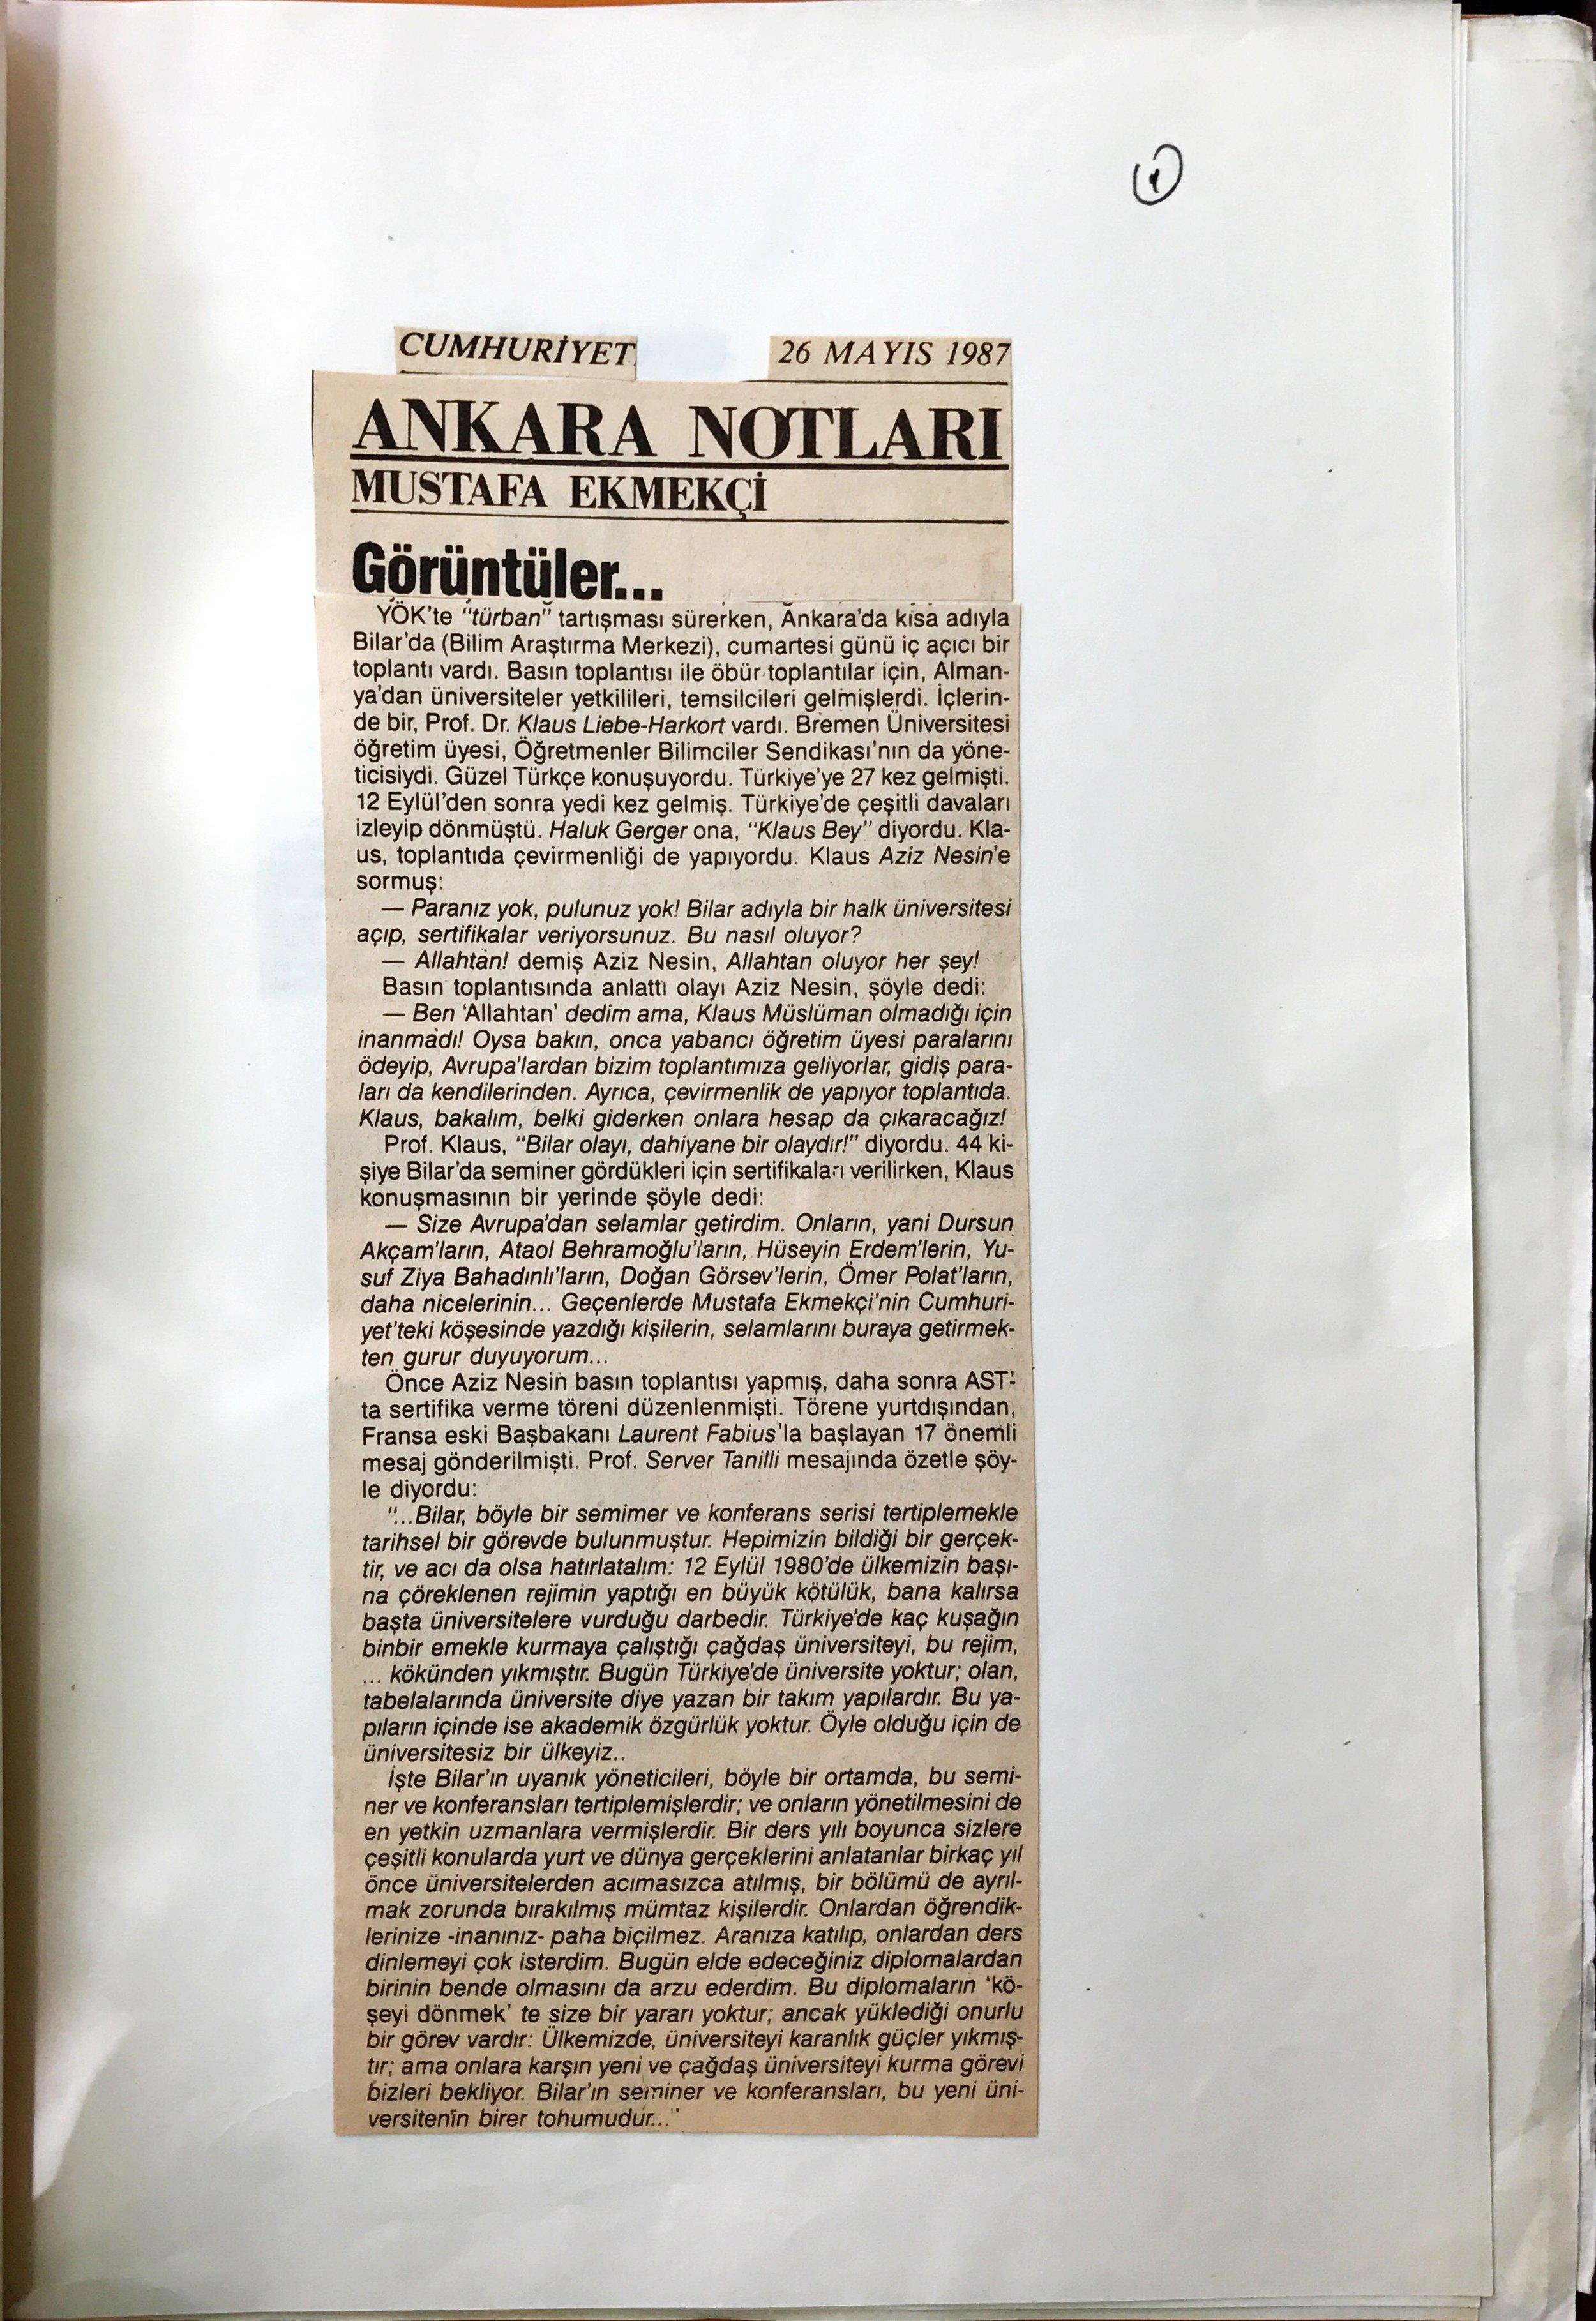 1987_cumhuriyet_mustafa-ekmekci-bilar.JPG